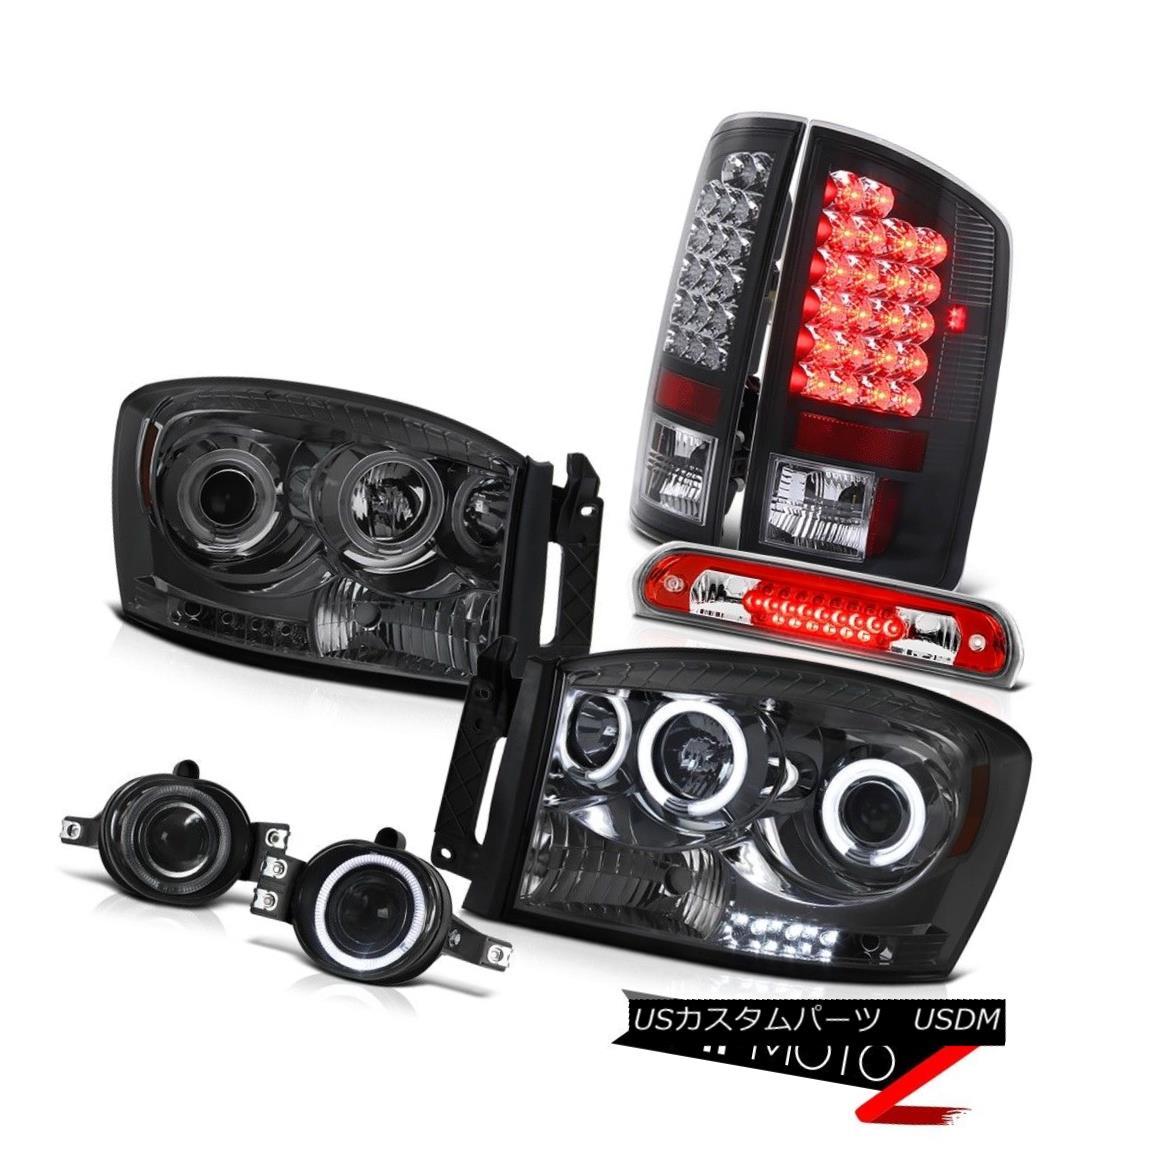 テールライト 07 08 Ram 2500 [BRIGHTEST] CCFL Halo Headlights LED Taillight Fog Roof Brake Red 07 08 Ram 2500 [BRIGHTEST] CCFL HaloヘッドライトLEDテールライトフォグルーフブレーキレッド